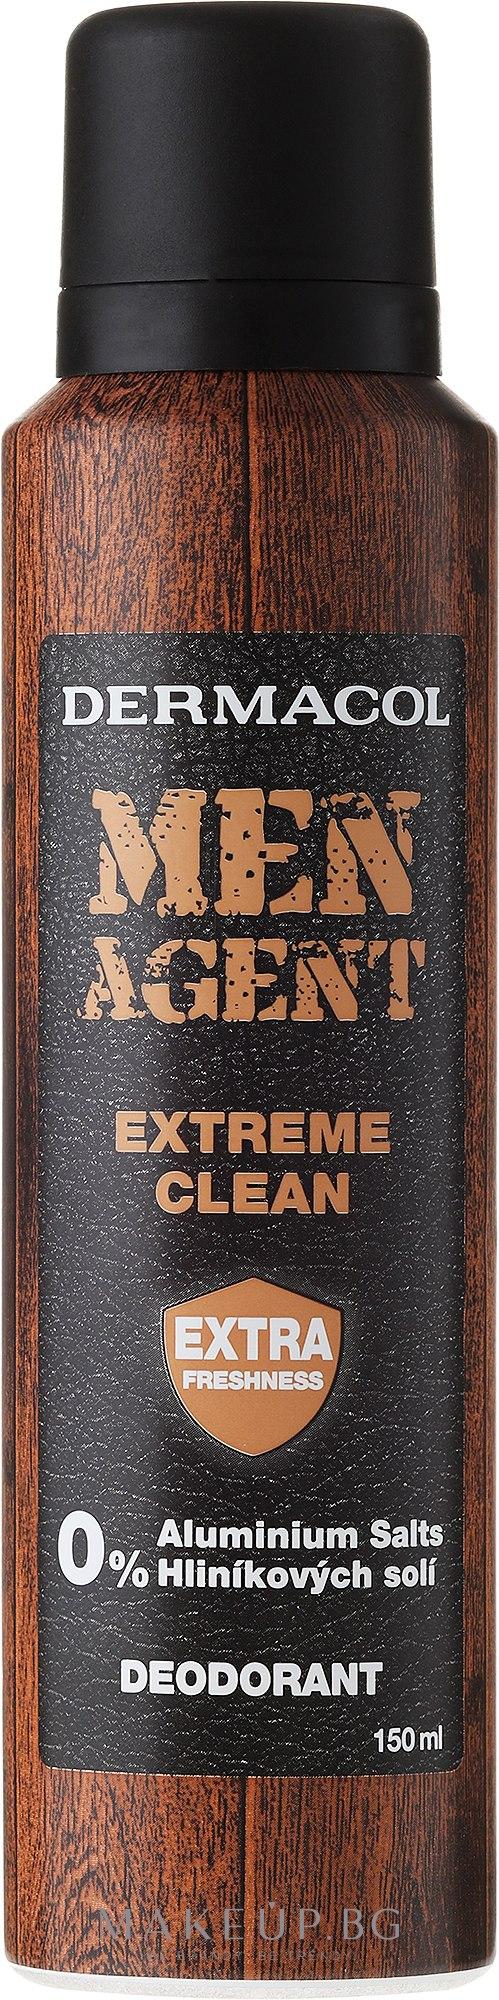 Дезодорант за мъже - Dermacol Men Agent Extreme Clean Deodorant — снимка 150 ml